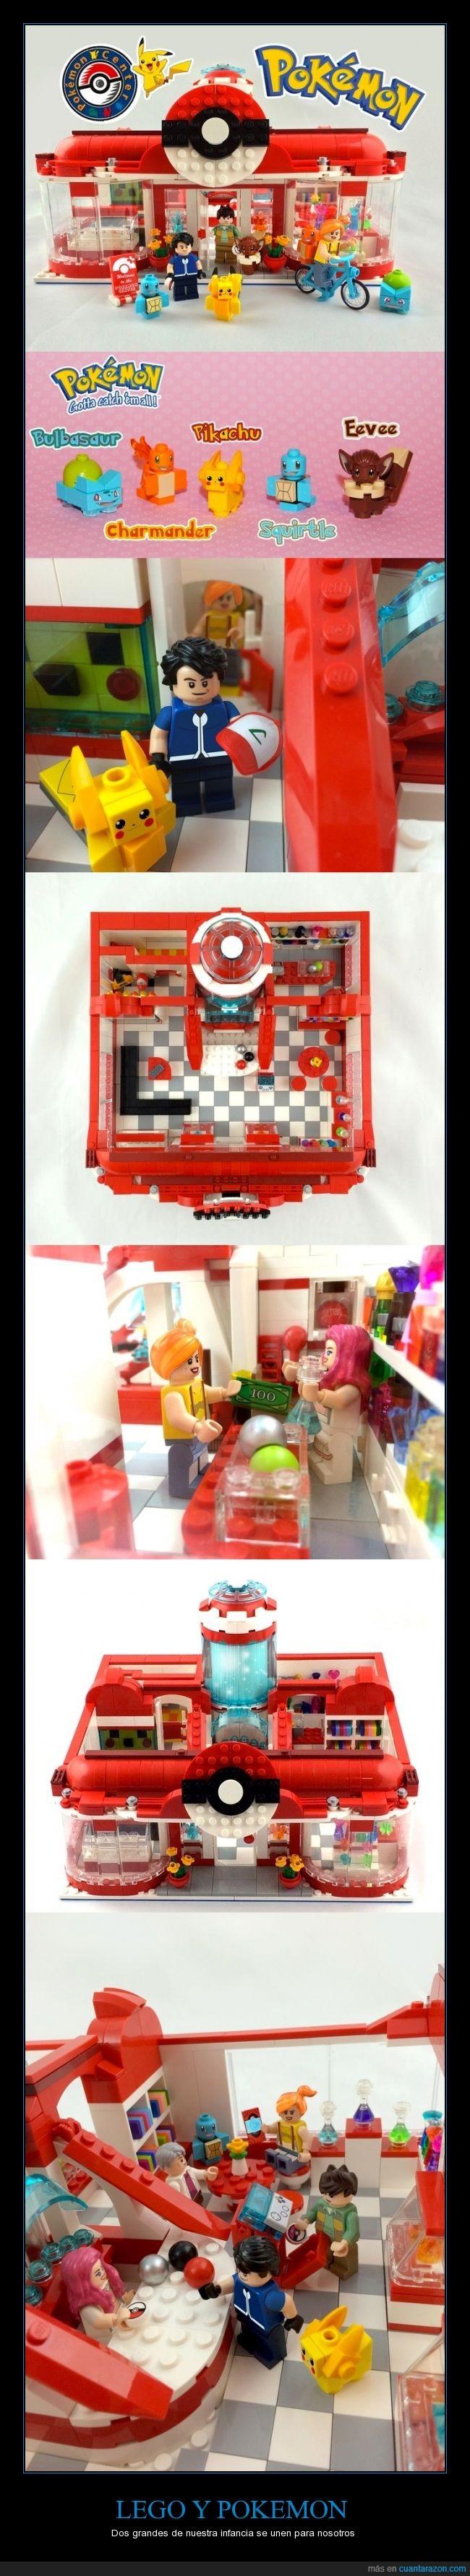 infancia,juguete,Lego,muñeco,Pokemon